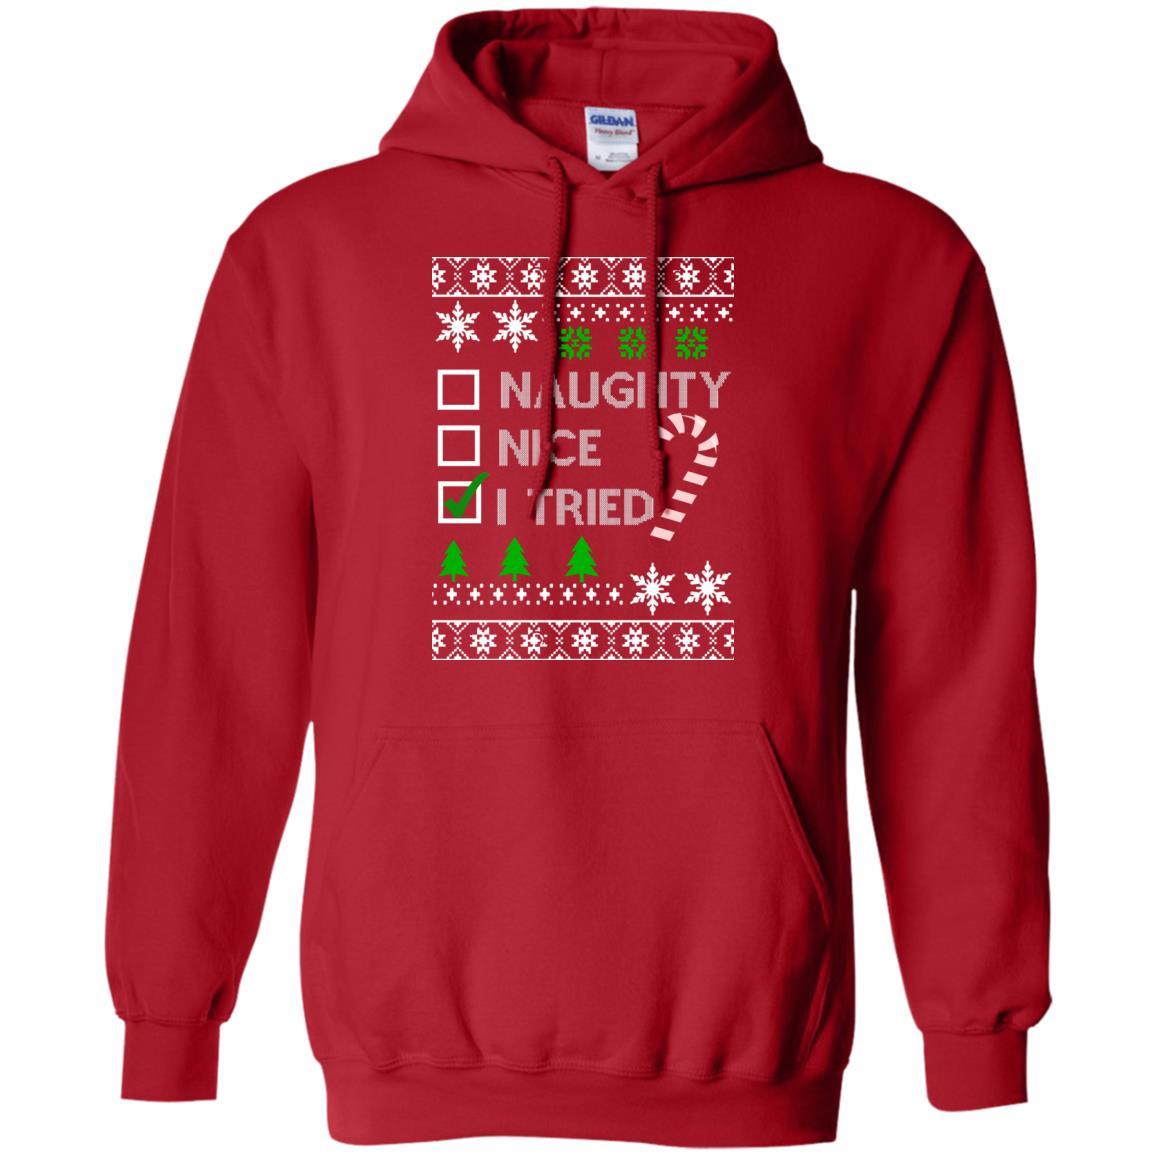 image 765 - Naughty Nice Tired Christmas Sweater, Shirt